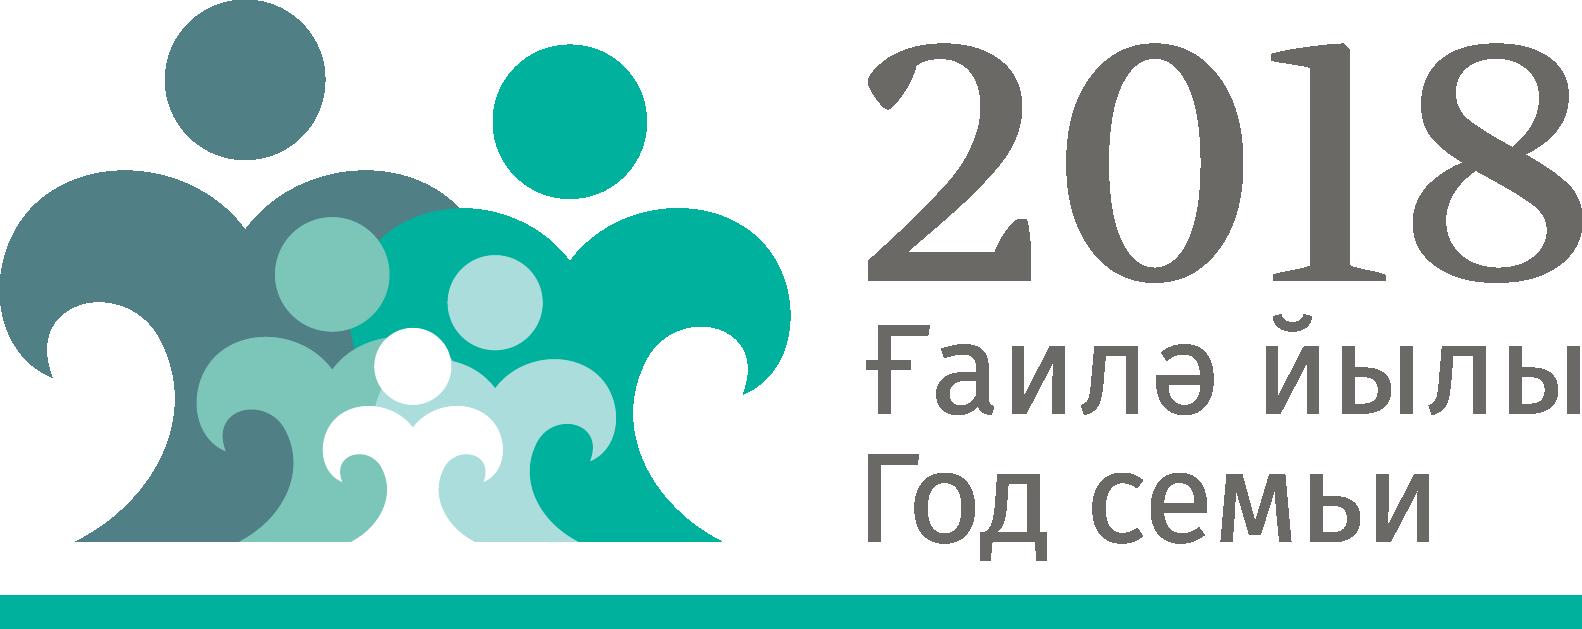 2018 - Год семьи